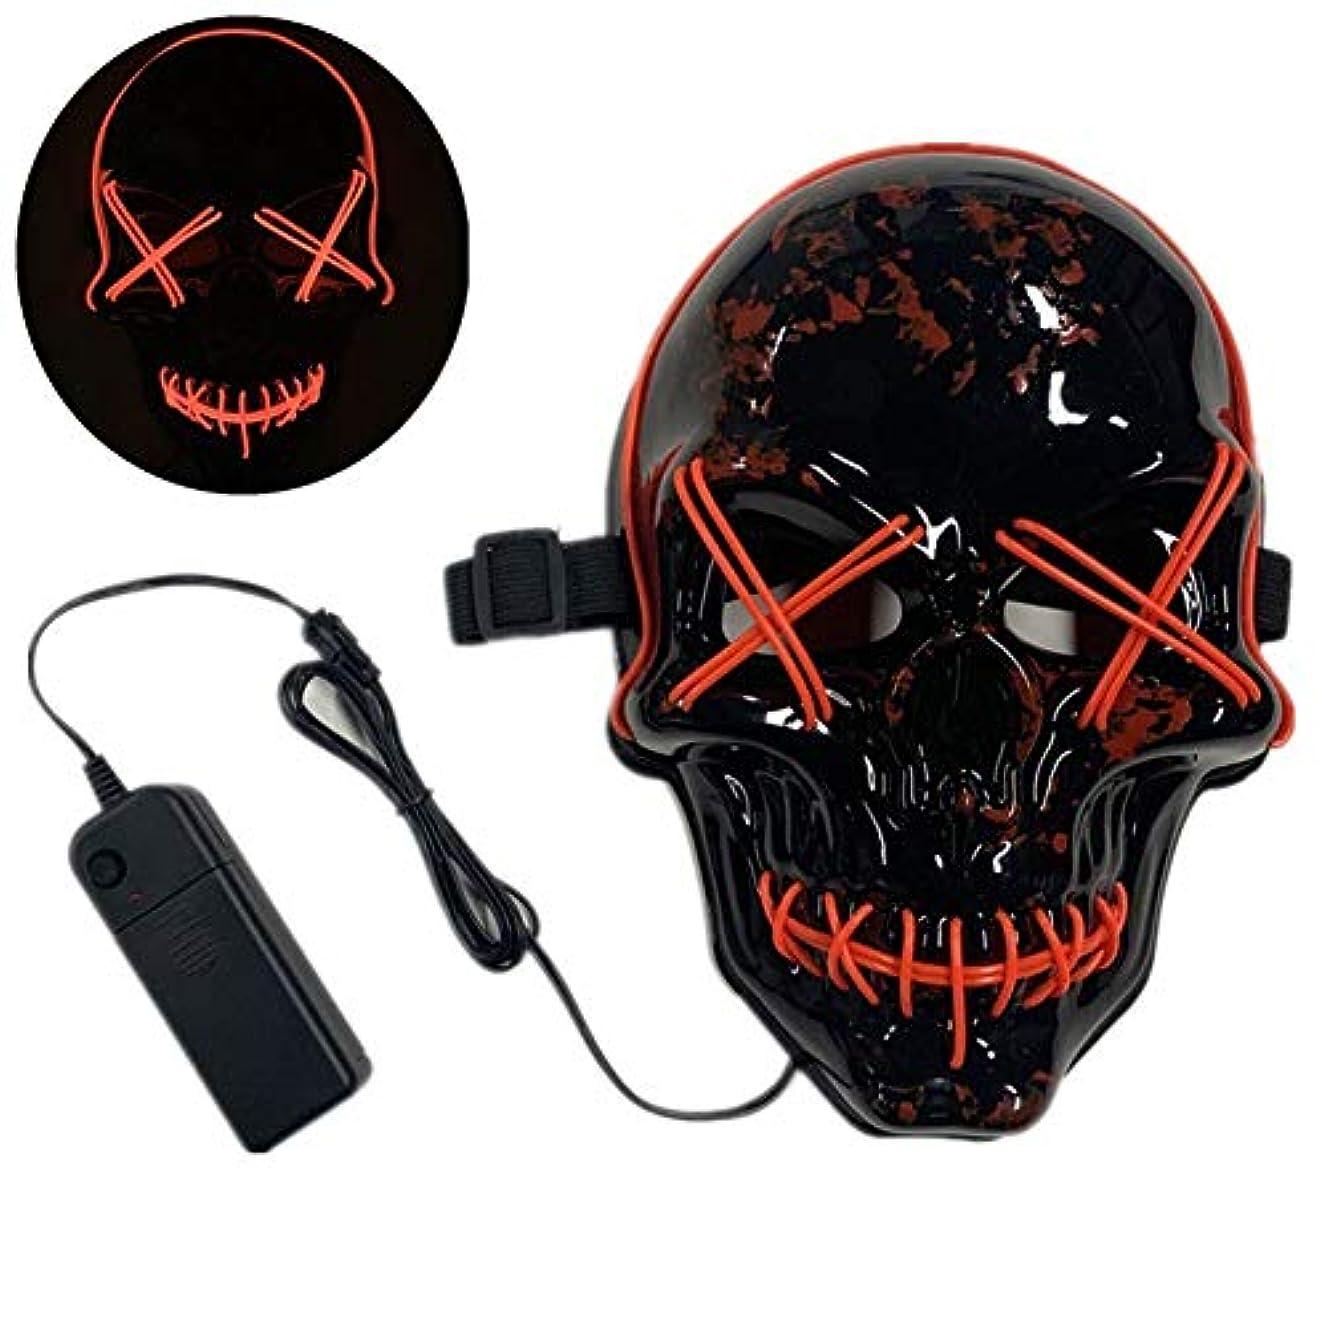 ハロウィーンマスク、しかめっ面、テーマパーティー、カーニバル、ハロウィーン、レイブパーティー、クリスマスなどに適しています。,Red